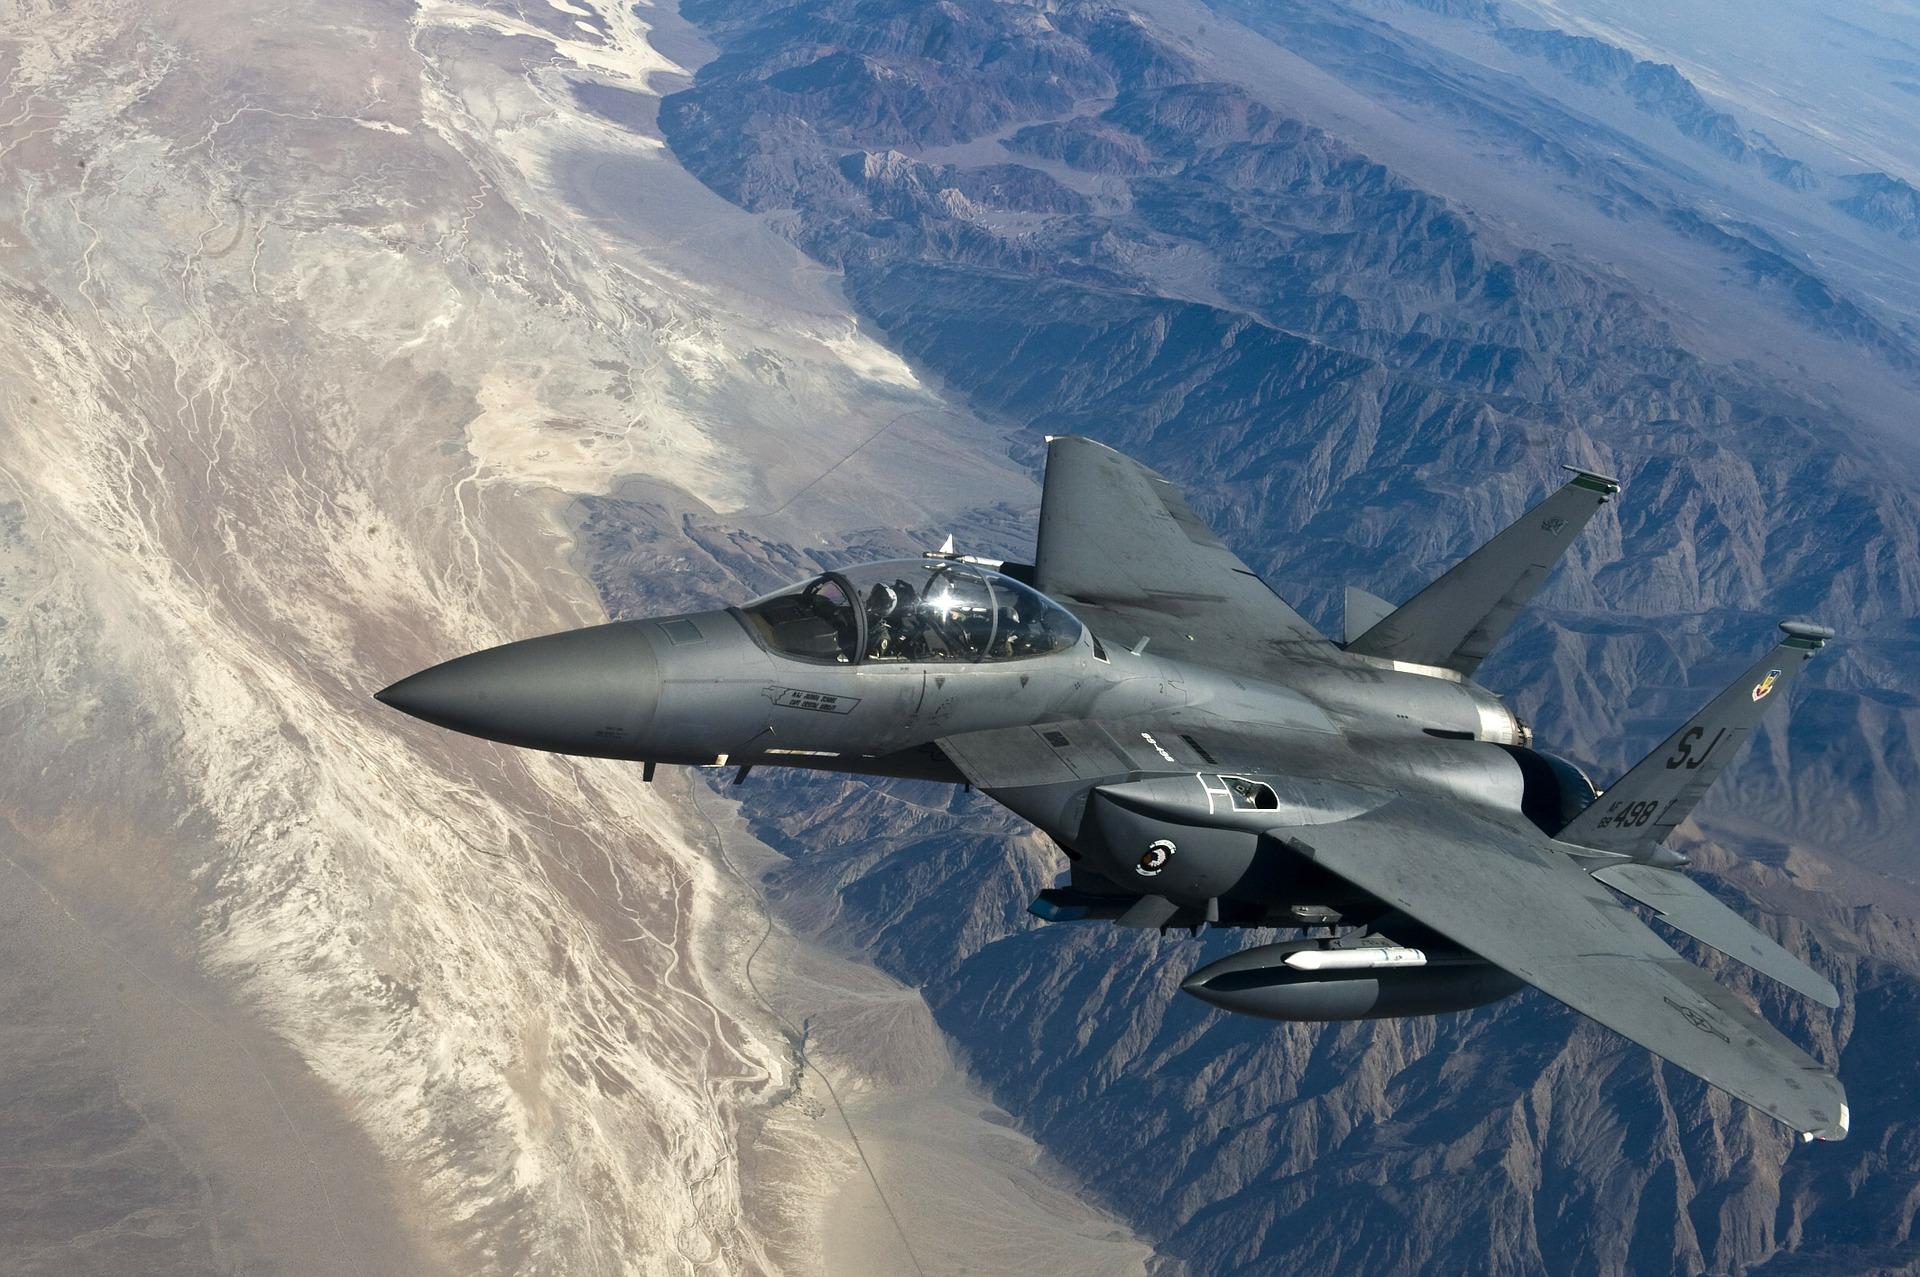 самолеты, Охота, бомбардировщик, Муха, пилот, кабина, скорость - Обои HD - Профессор falken.com